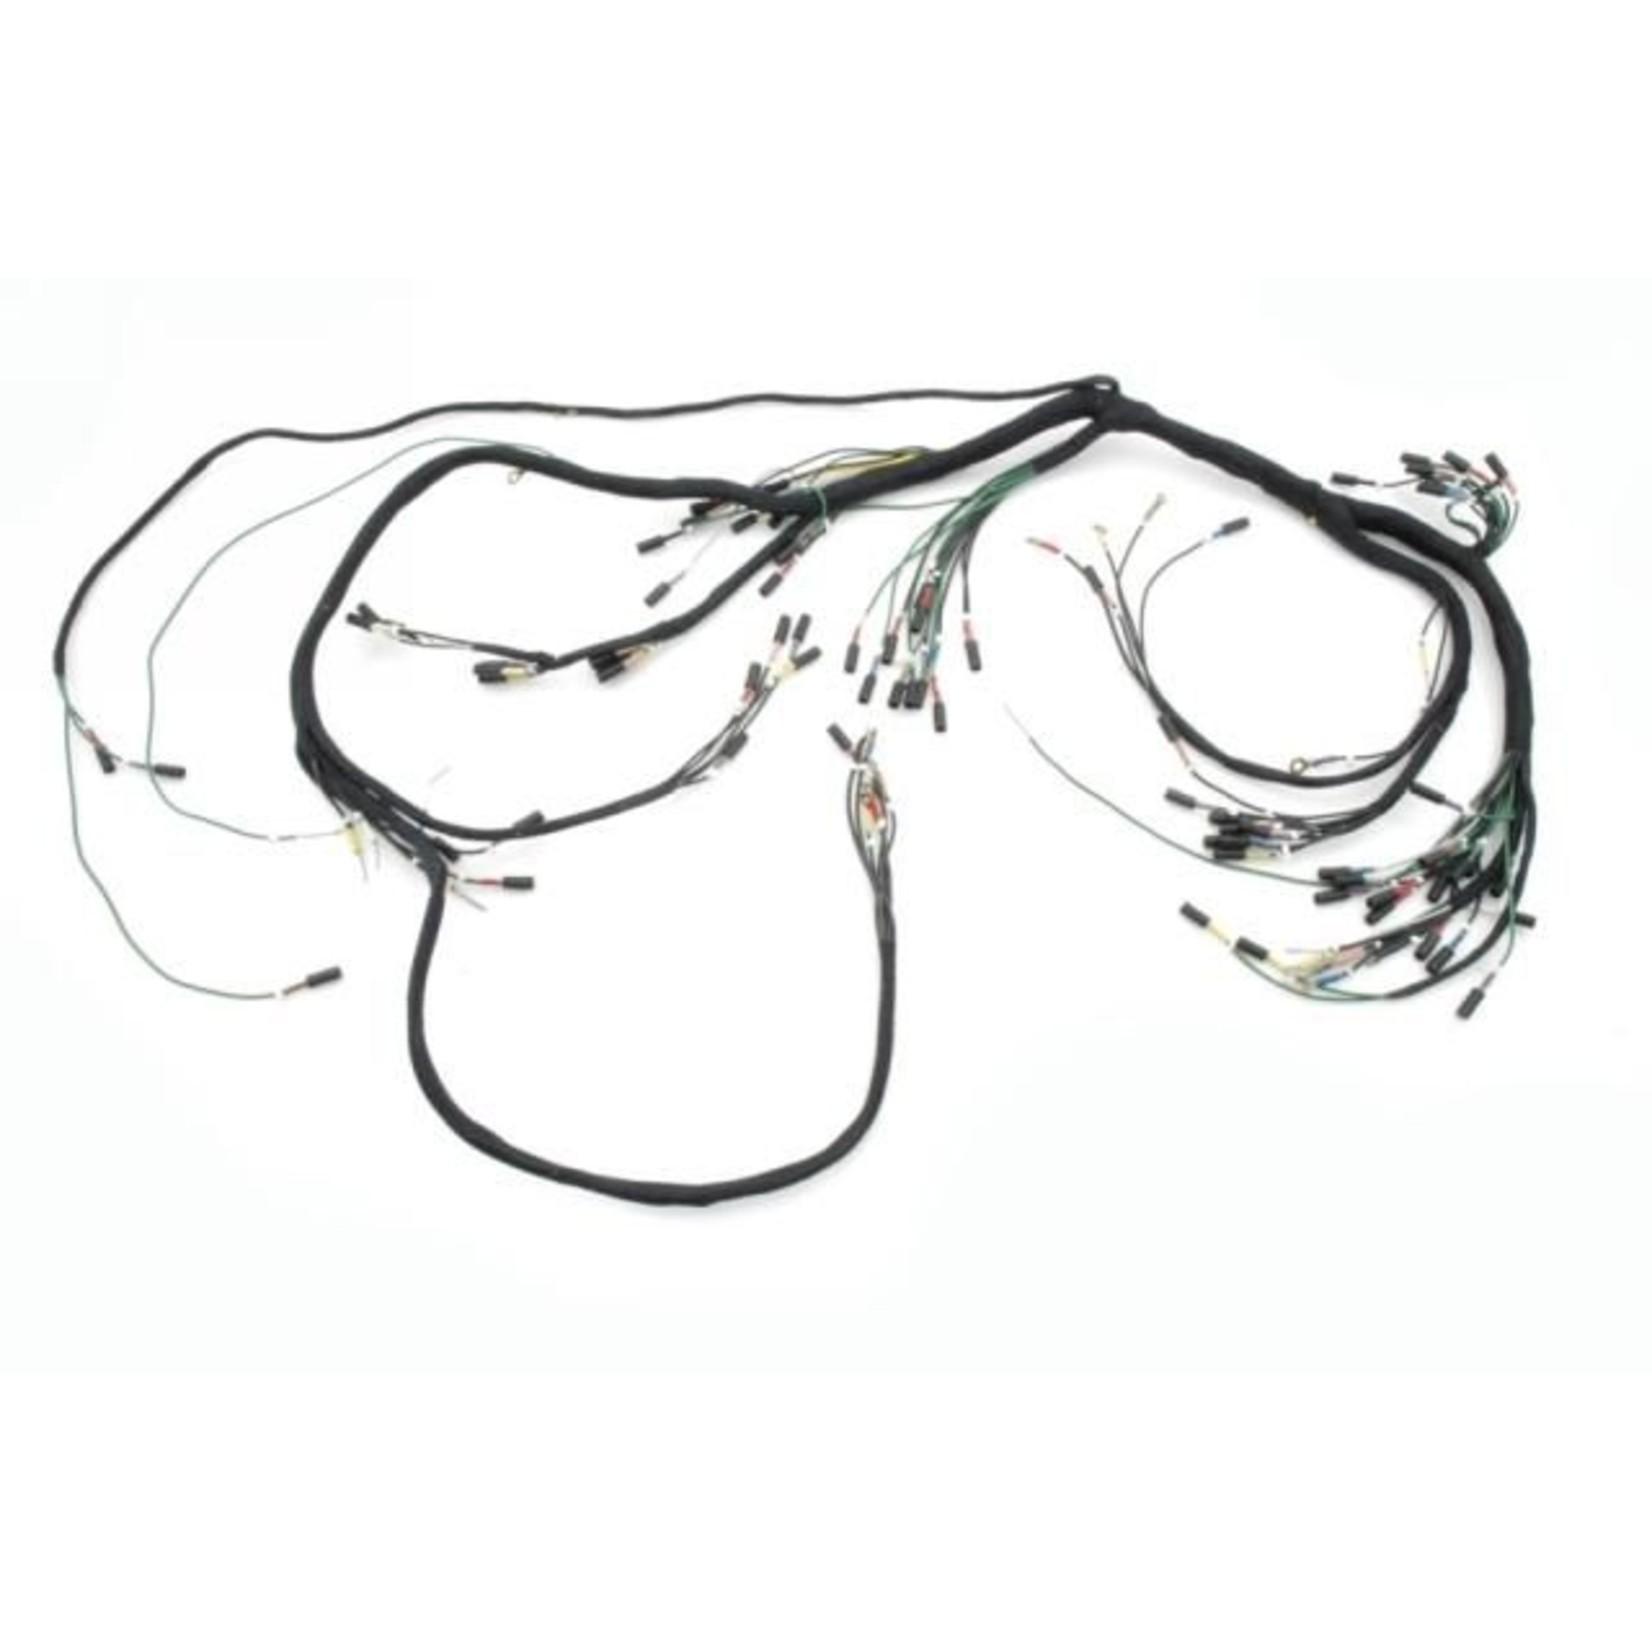 Kabelboom voor (gelijkstroom / accu rechts) pallas 67